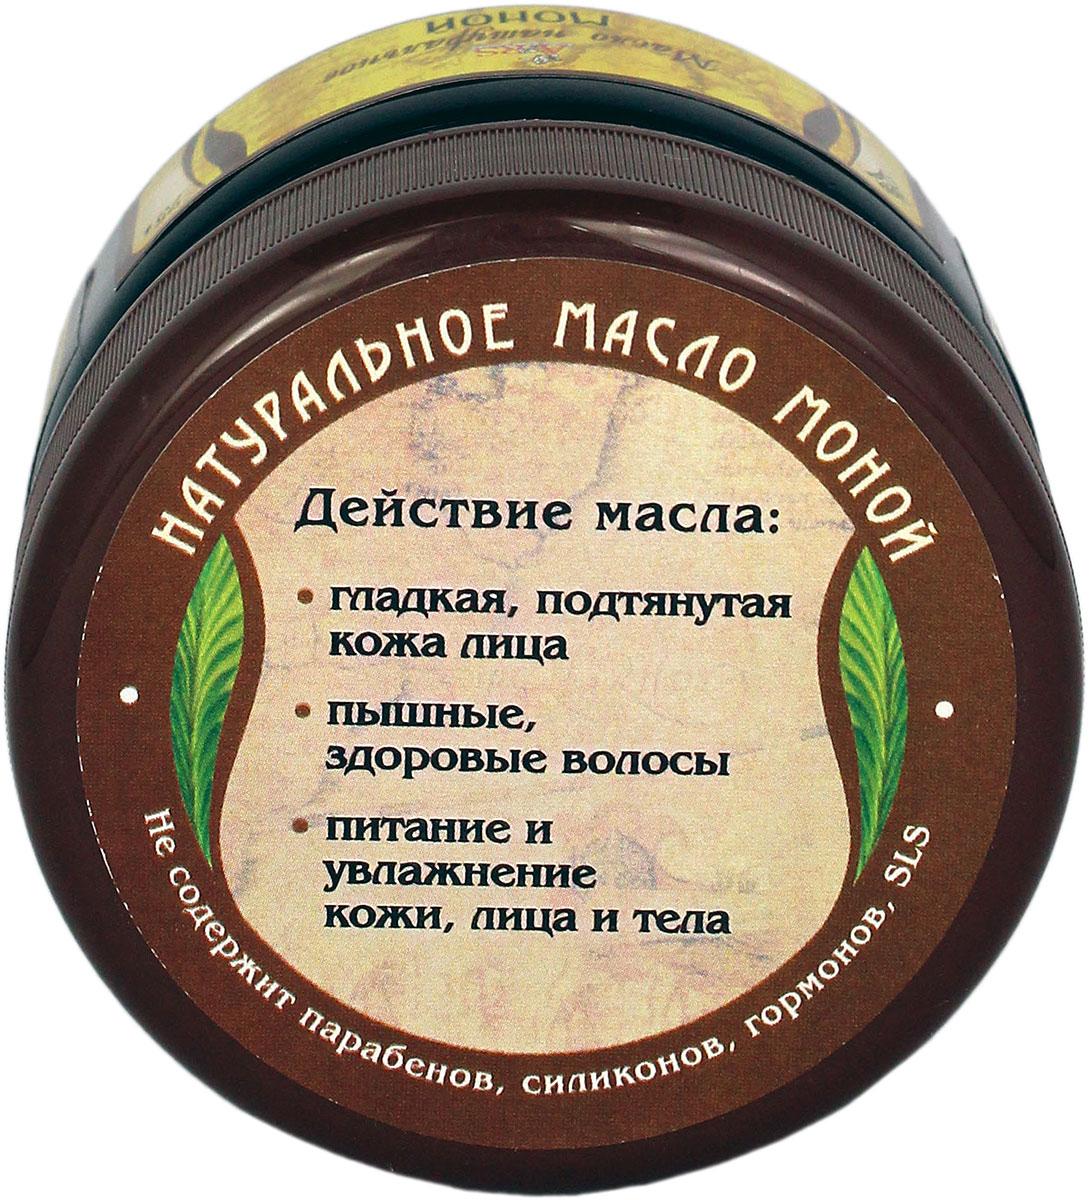 ARS Масло натуральное Моной, 75 гАРС-197Народном таитянском языке масло Моной переводится как священное масло.Масло Моной– это результат анфлеража, или искусства извлечения активных и ароматических компонентов, мягко размачивая цветы в очищенном кокосовом масле. Этой технике приготовления масла почти 2000 лет.Цветок Тиаре (Tiare Flower) Gardenia Taitensis - известный своими целебными свойствами, являетсяключевым ингредиентом в приготовлении масла Моной.Эфирное масло Тиаре богато множеством активных веществ, которые сохраняются в масле. С помощью цветов лечат мигрени, раны, кожные заболевания.Масло кокосаявляется превосходным средством для увлажнения и питания сухой, раздраженной, чувствительной кожи. Также оно образует защитную пленку на поверхности кожи, предотвращая обезвоживание, раздражение кожи, возникающее от воздействия неблагоприятных факторов. Впитываясь без остатка, масло великолепно разглаживает поверхность кожи, устраняет мелкие морщинки, обеспечивает коже необходимое питание, делает ее по-настоящему мягкой и упругой.Масло кокоса способно по-настоящему защитить волосы во время и после мытья. Онообволакивает каждый волосок,защищает от ломкости во время расчесывания влажных волос. А также отлично подходит для массажа.Кокосовое масло богато витаминами, минеральными веществами и микроэлементами. Оно содержит калий, фосфор, магний, витамин Е, витамин С и т.д.Косметические свойствамасла Моной:1. Увлажнение, восстановлениеи защита кожи от воздействия окружающей среды (солнце, ветер, морская соль и т.д.).2. Успокаивающее и очищающее свойство цветков Тиаре. 3. Смягчающее кожу свойство кокосового масла. 4. Восстановлениеповрежденных волос, питание и увлажнение.Хорошопереносится кожей, даже чувствительной.Масло можно использовать днем и вечером, наносить на кожу лица и область вокруг глаз, на любых сухих участках кожи (руки, локти, губы, колени, пятки). Моной быстро впитывается в кожу, не оставляя жирности. Используетсяв качестве маски-кондиционера до мытья волос. 